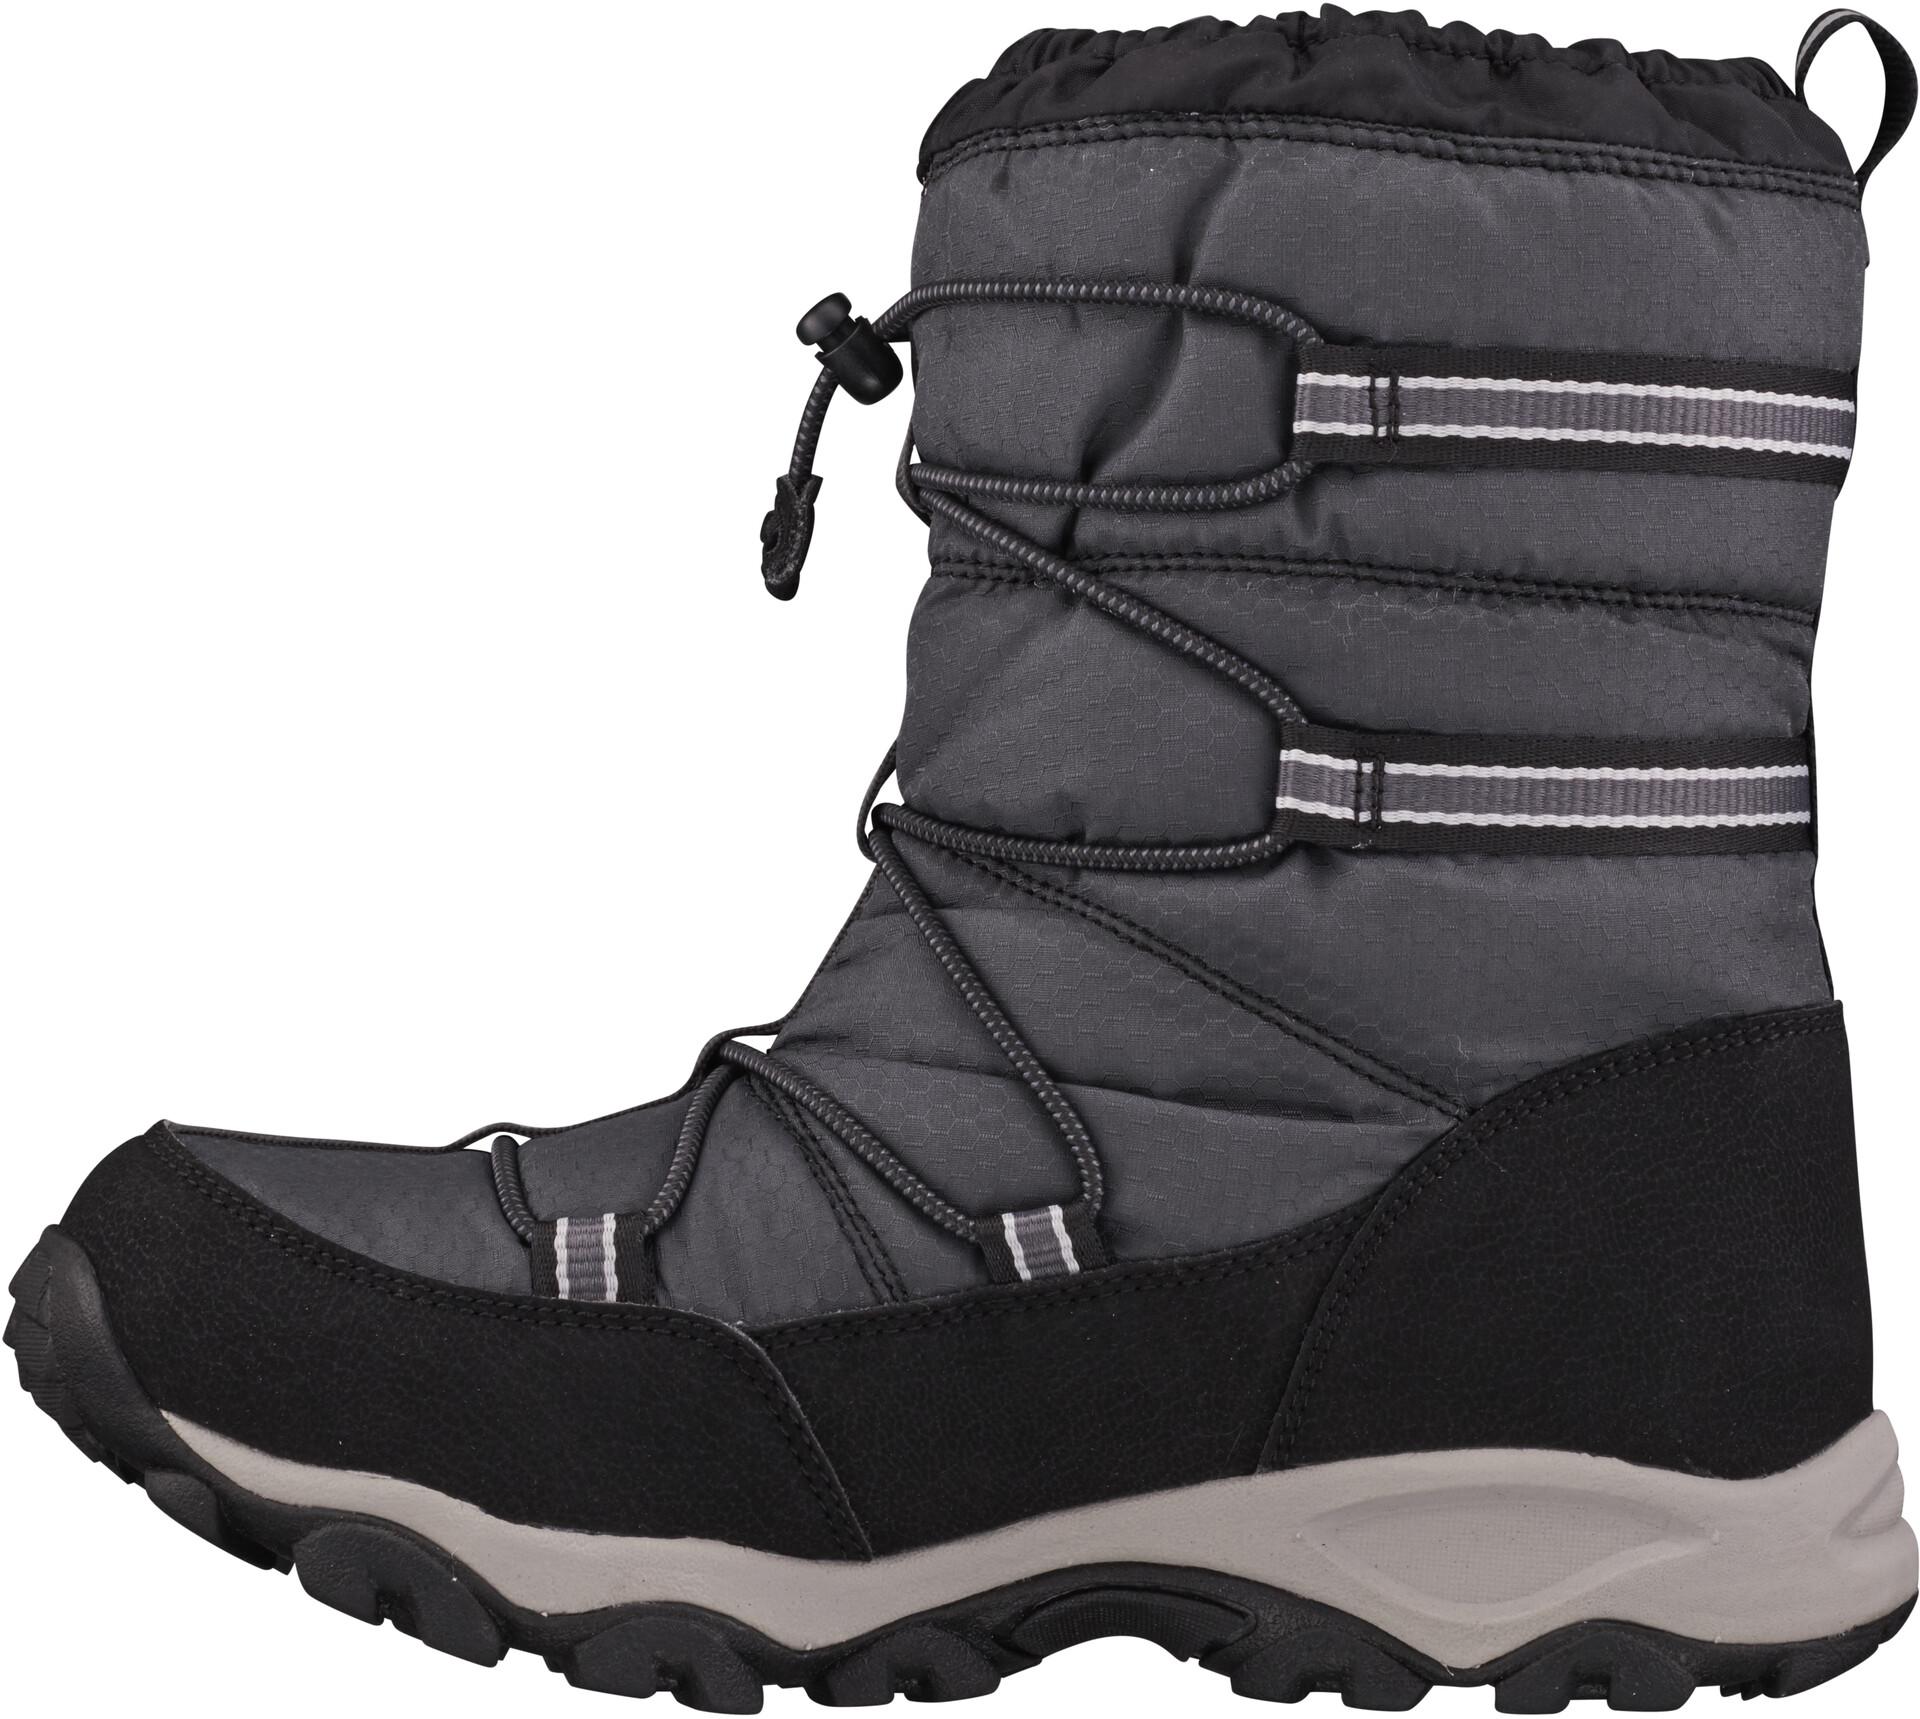 Viking Footwear Tofte GTX Stivali invernali Bambino, black/charcoal su Addnature Z8DZI